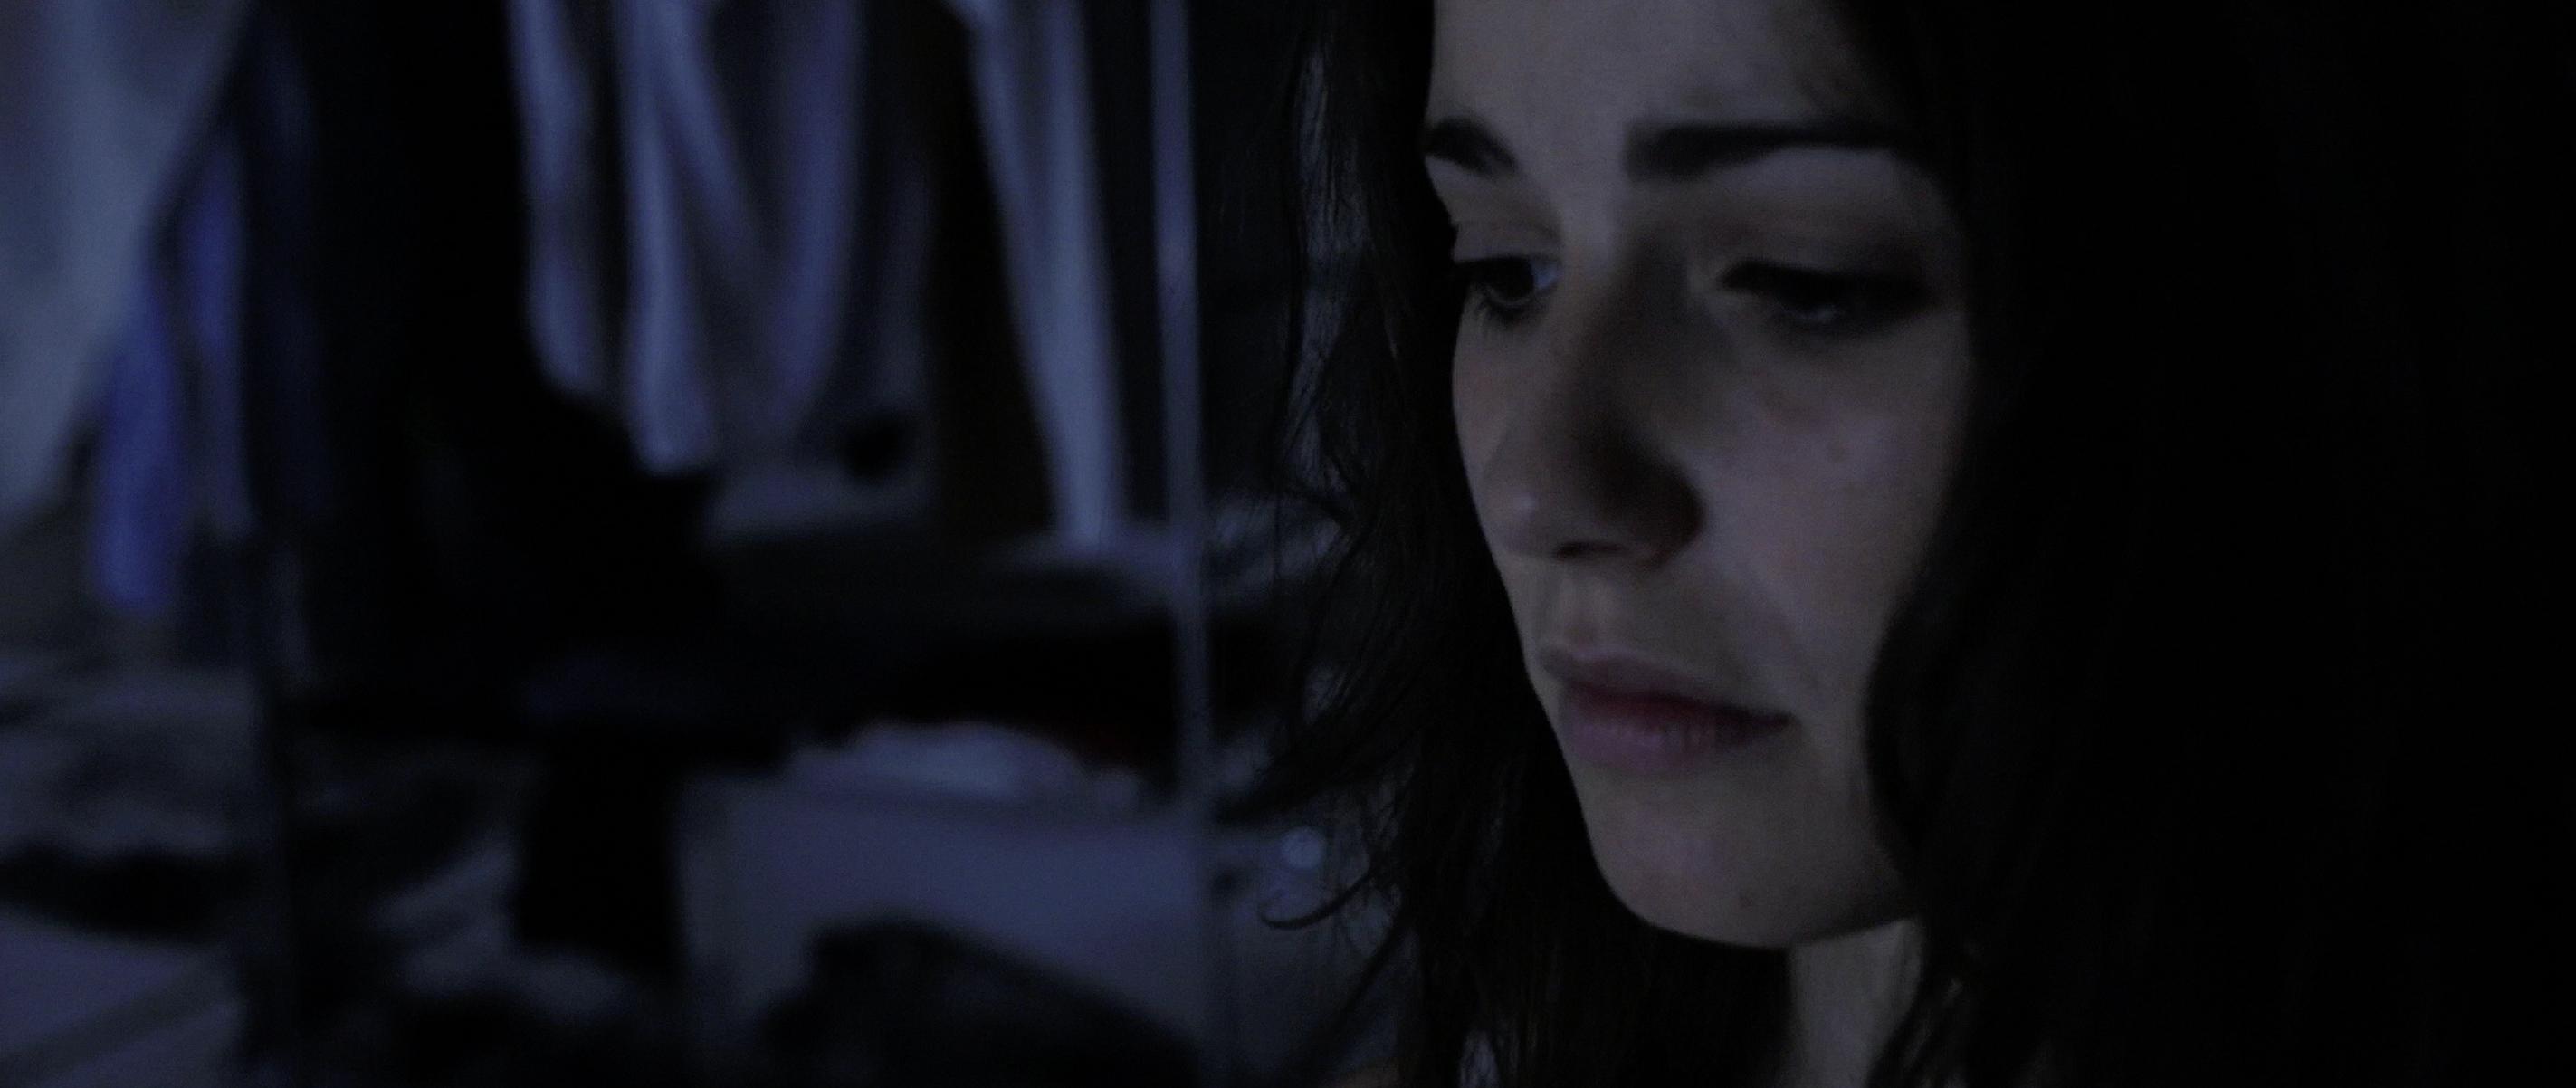 Trailer: The White Schore